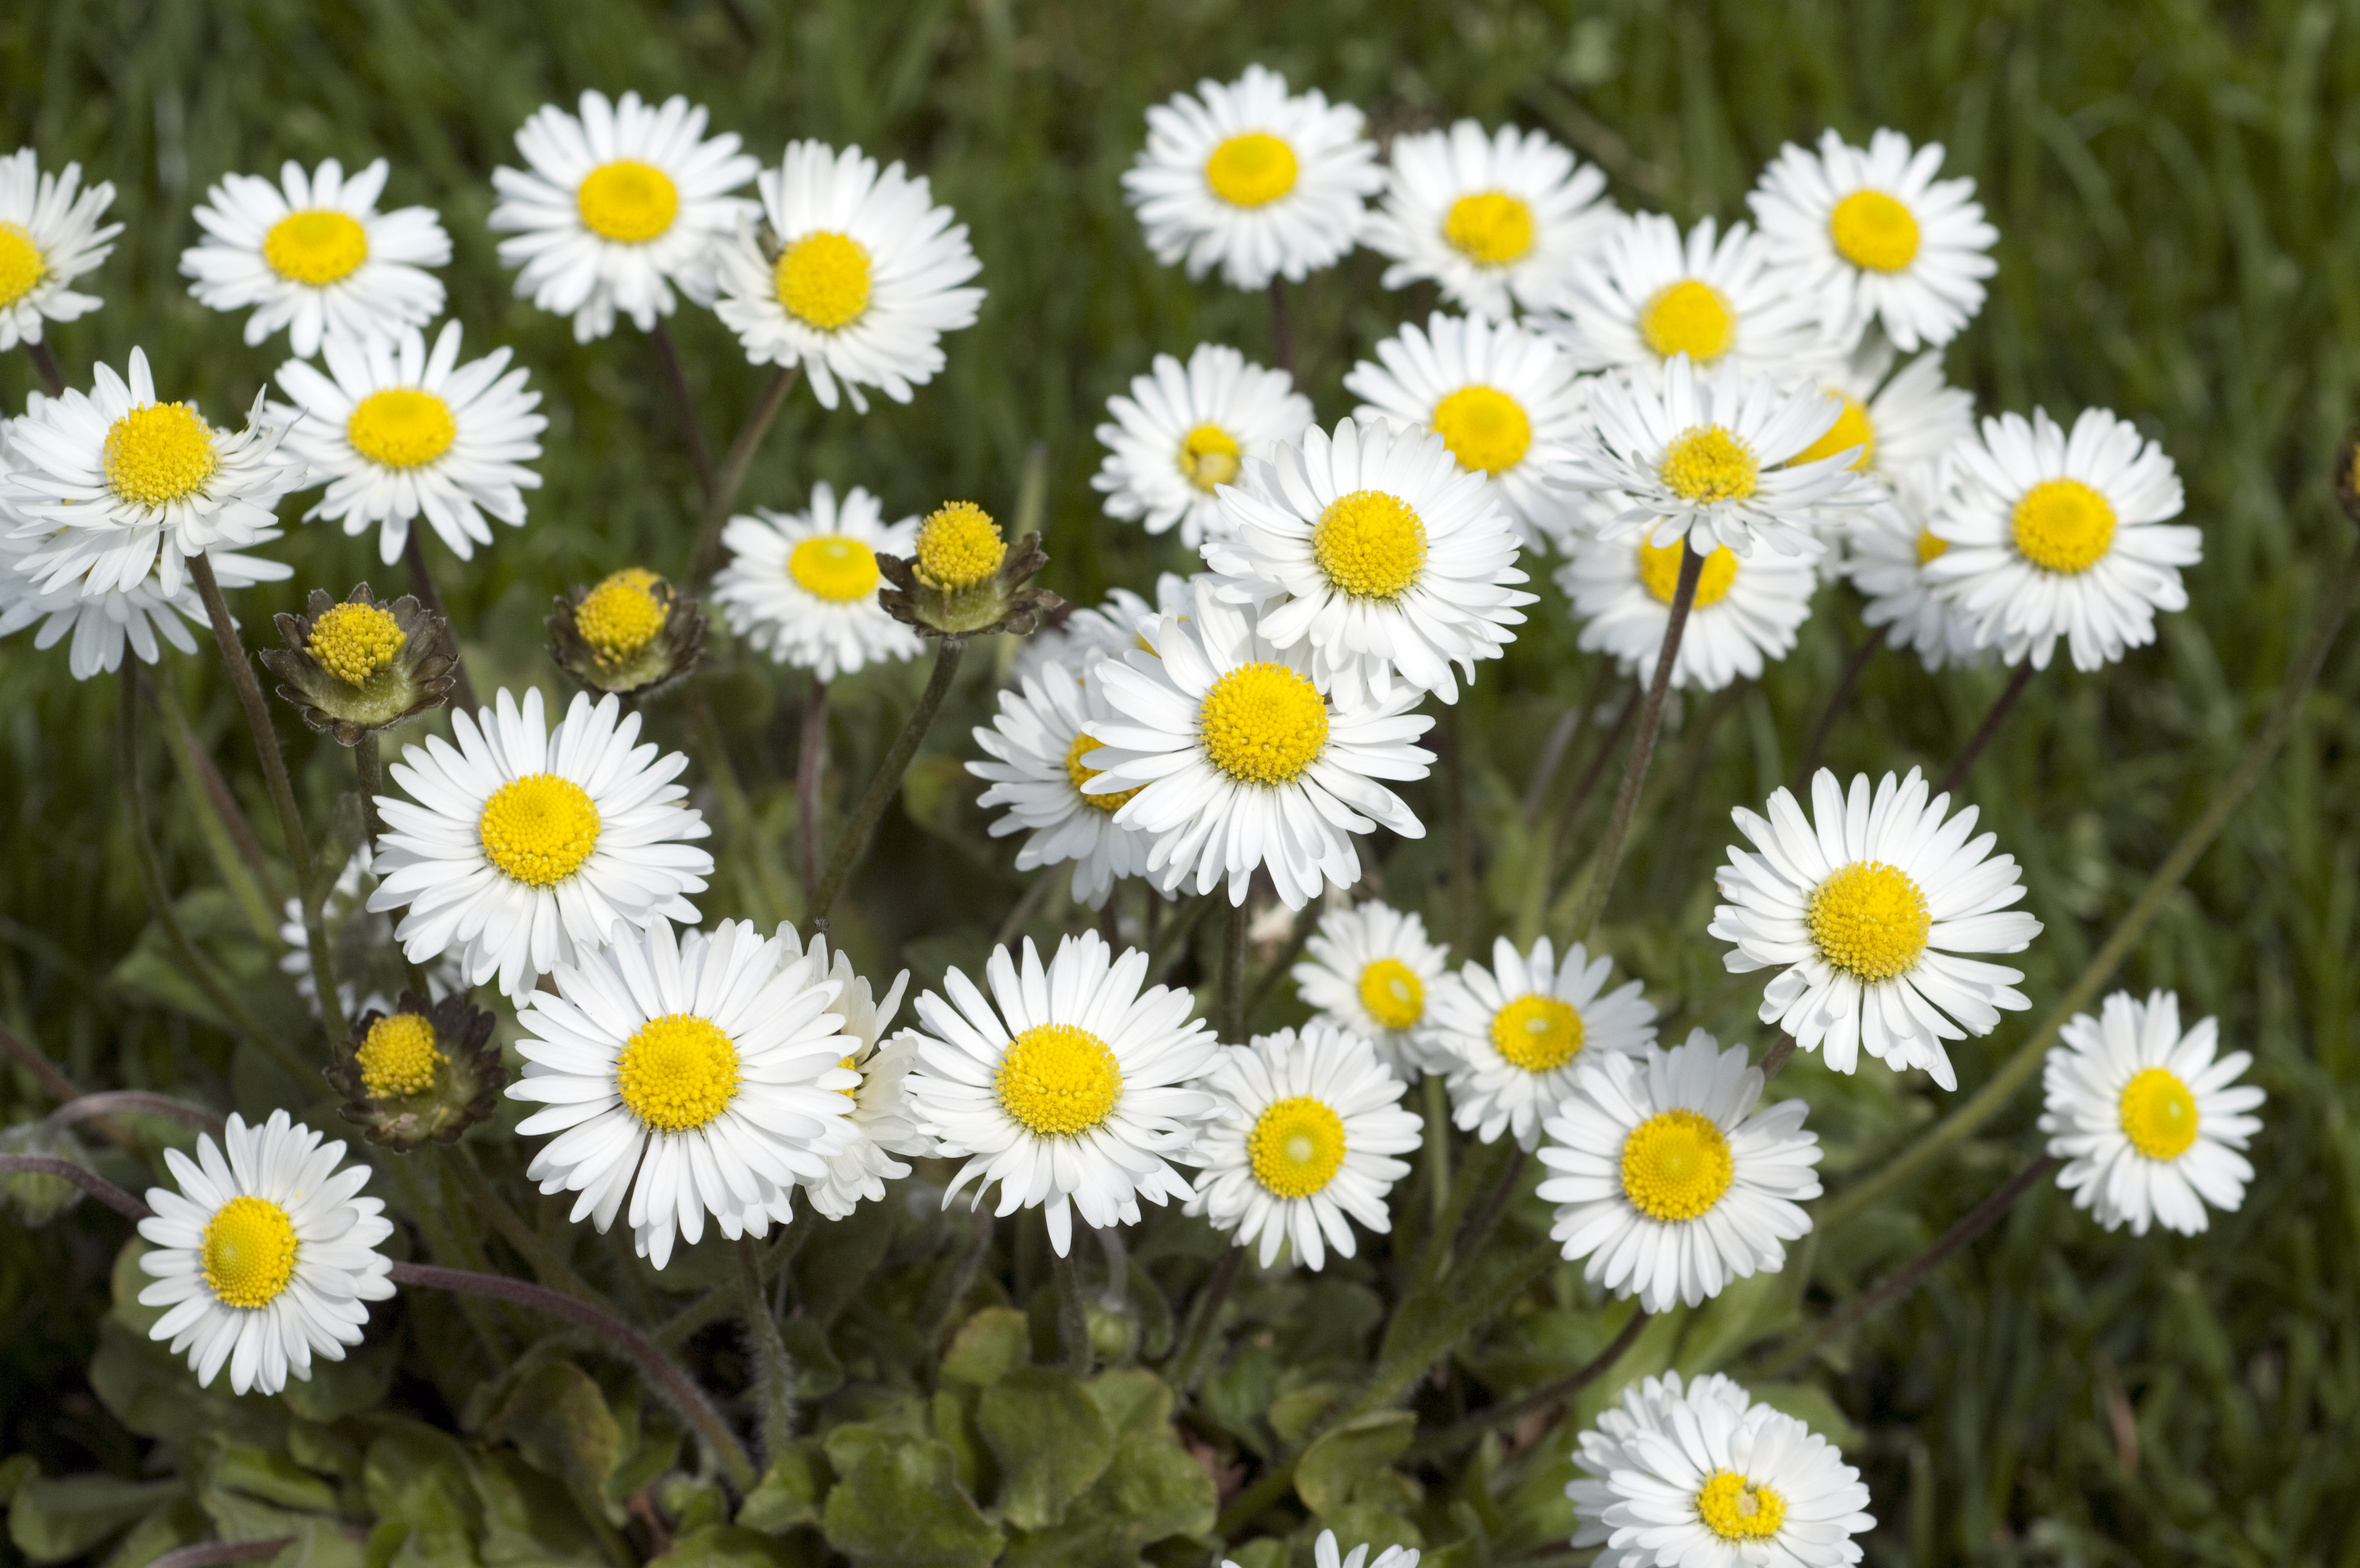 mehrere Gänseblümchen (Bellis perennis)